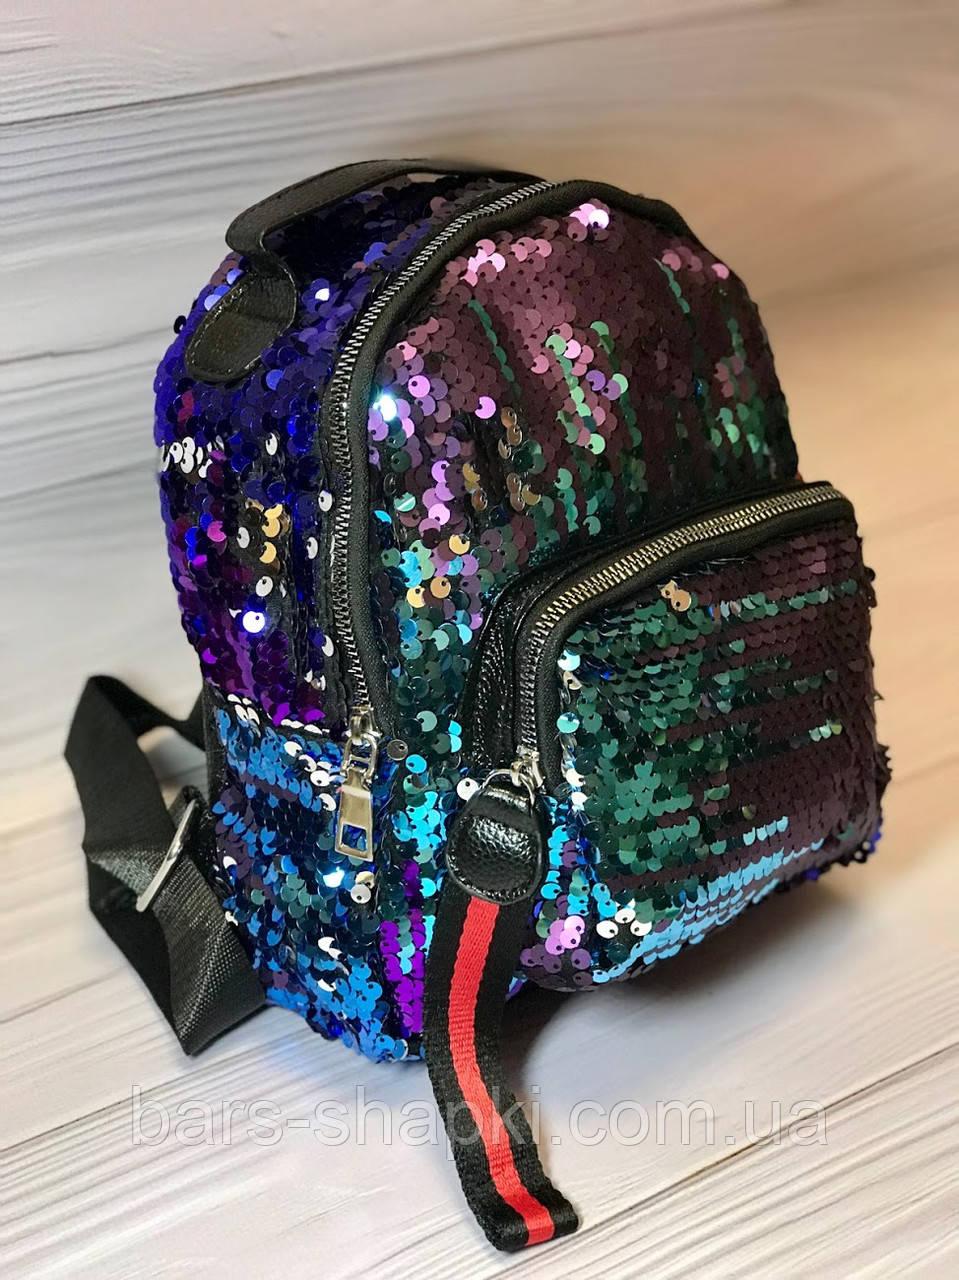 Элит рюкзак с паетками . Качество